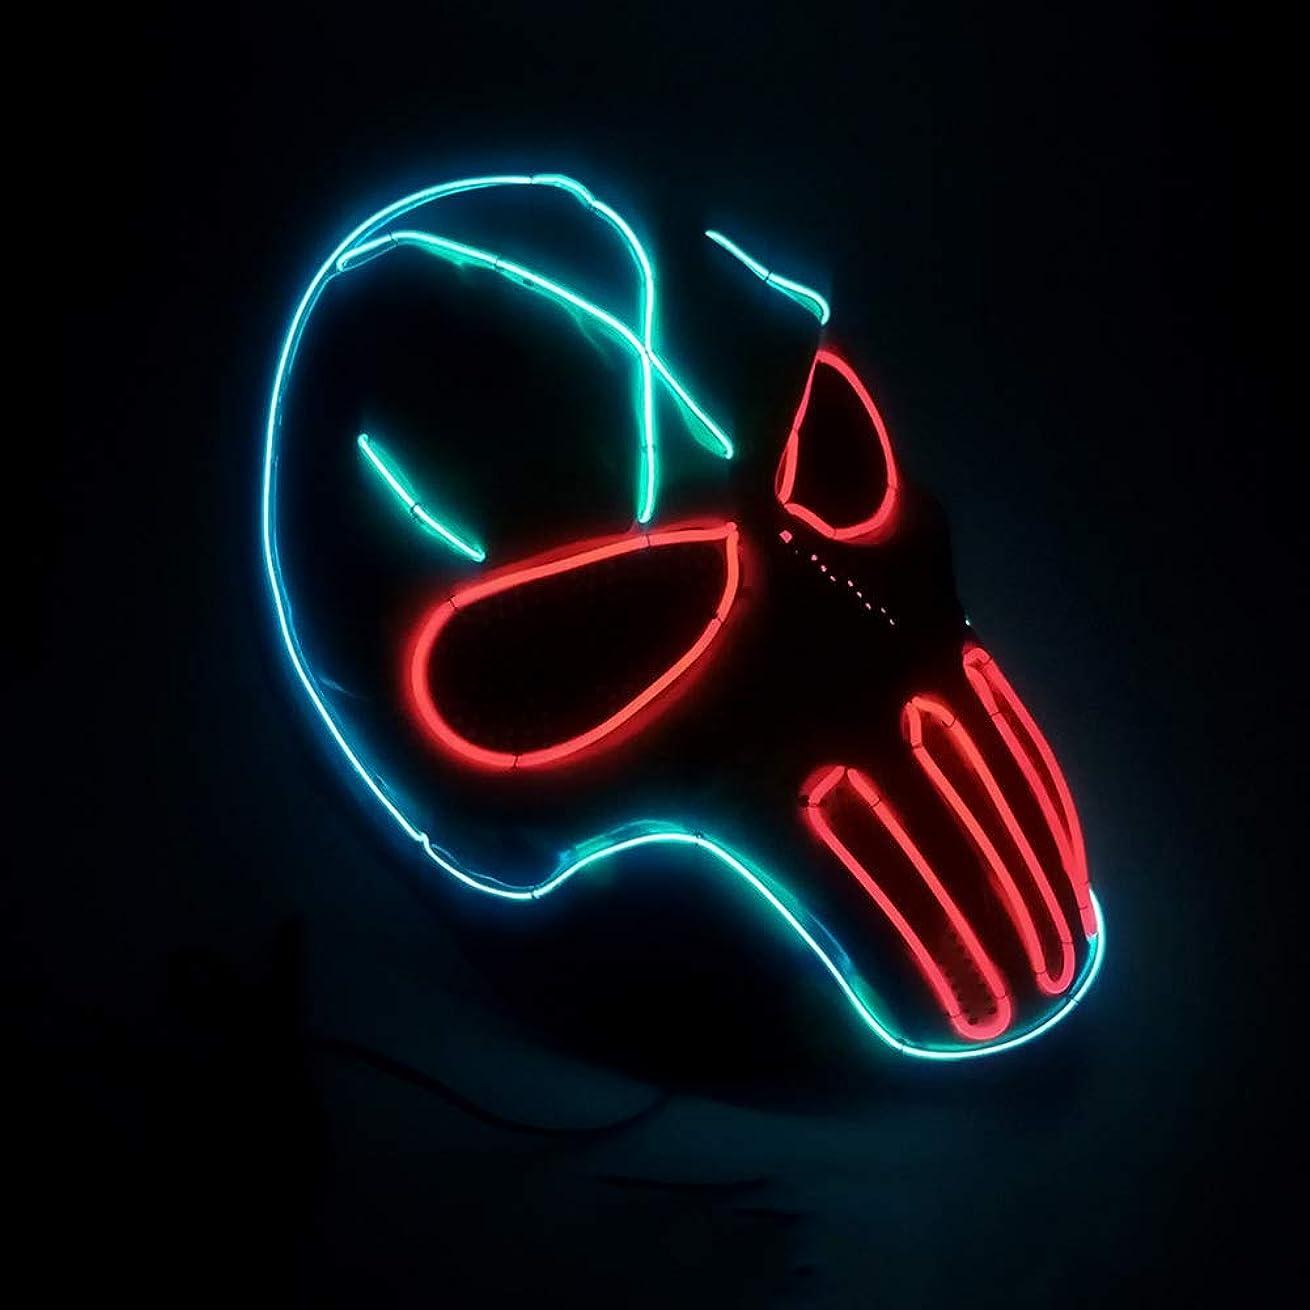 分子蒸留する重要性ハロウィン テロ CS Wildfire LED マスク 2個 エルワイヤ イルミネーション 化粧 コスプレ プロム マスク (18×18Cm) MAG.AL